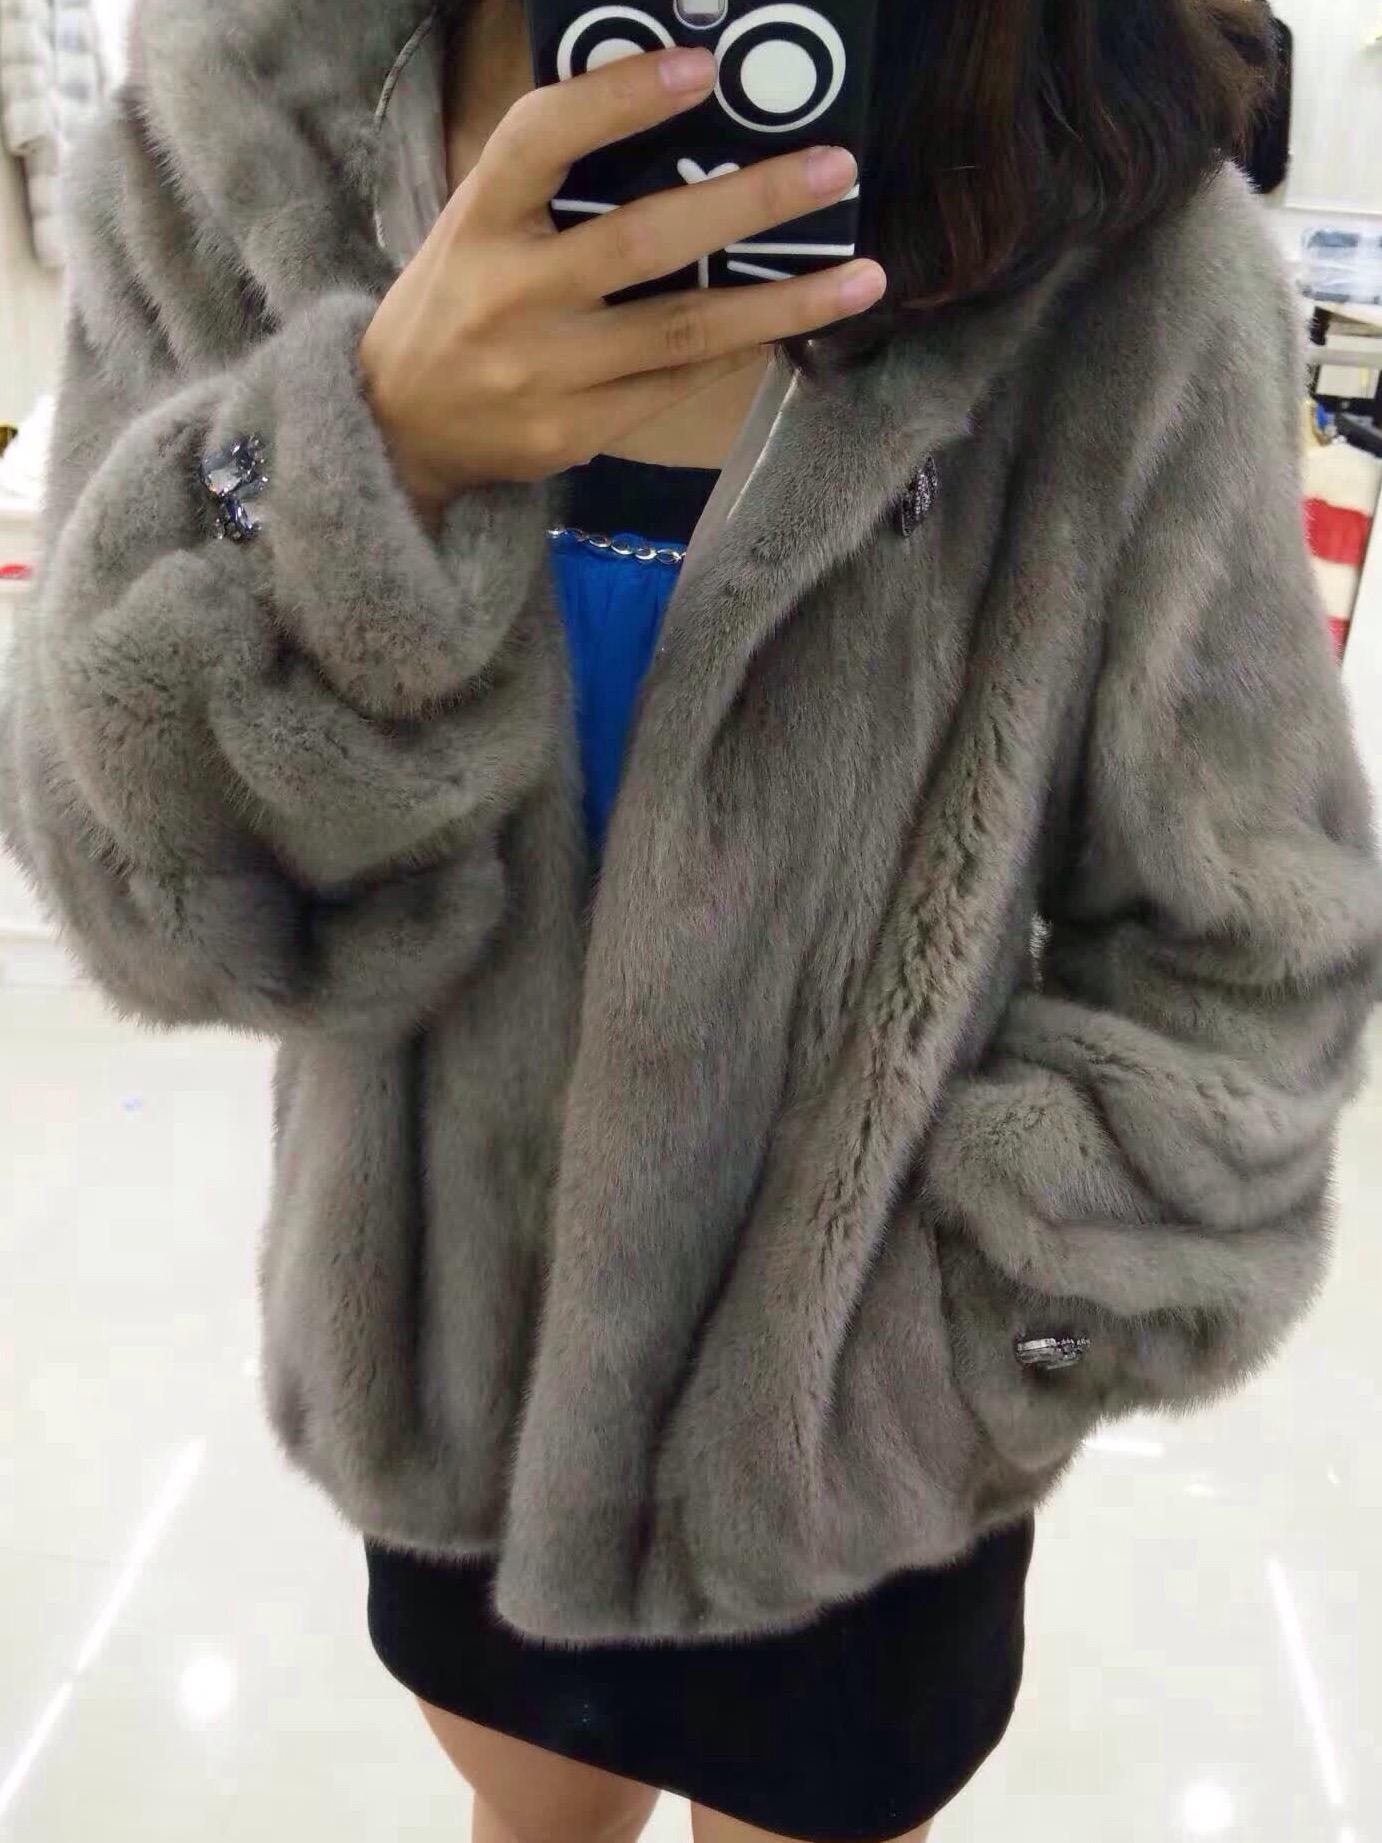 厂家直销各种男女貂皮衣服,价格优惠